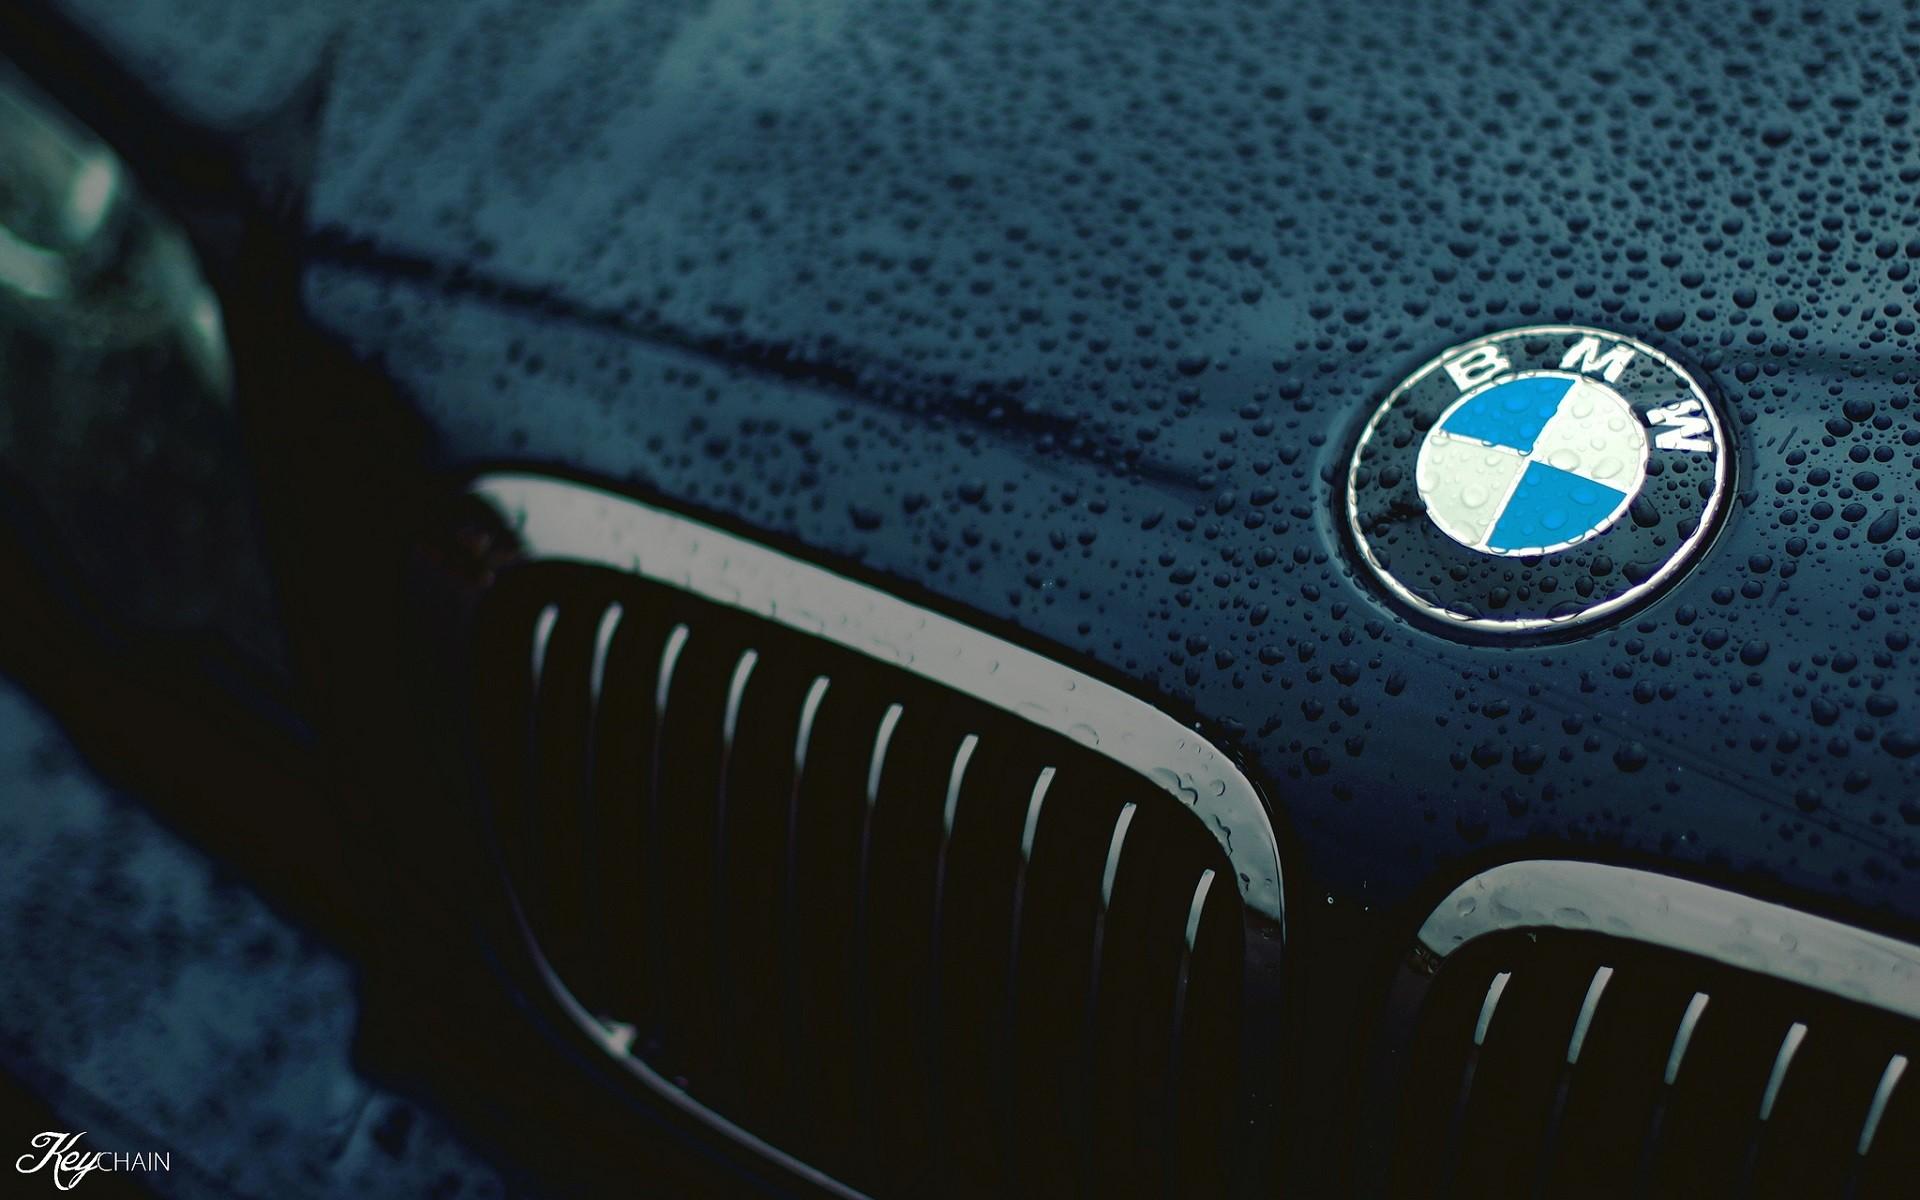 Лучшие фото логотипа бмв